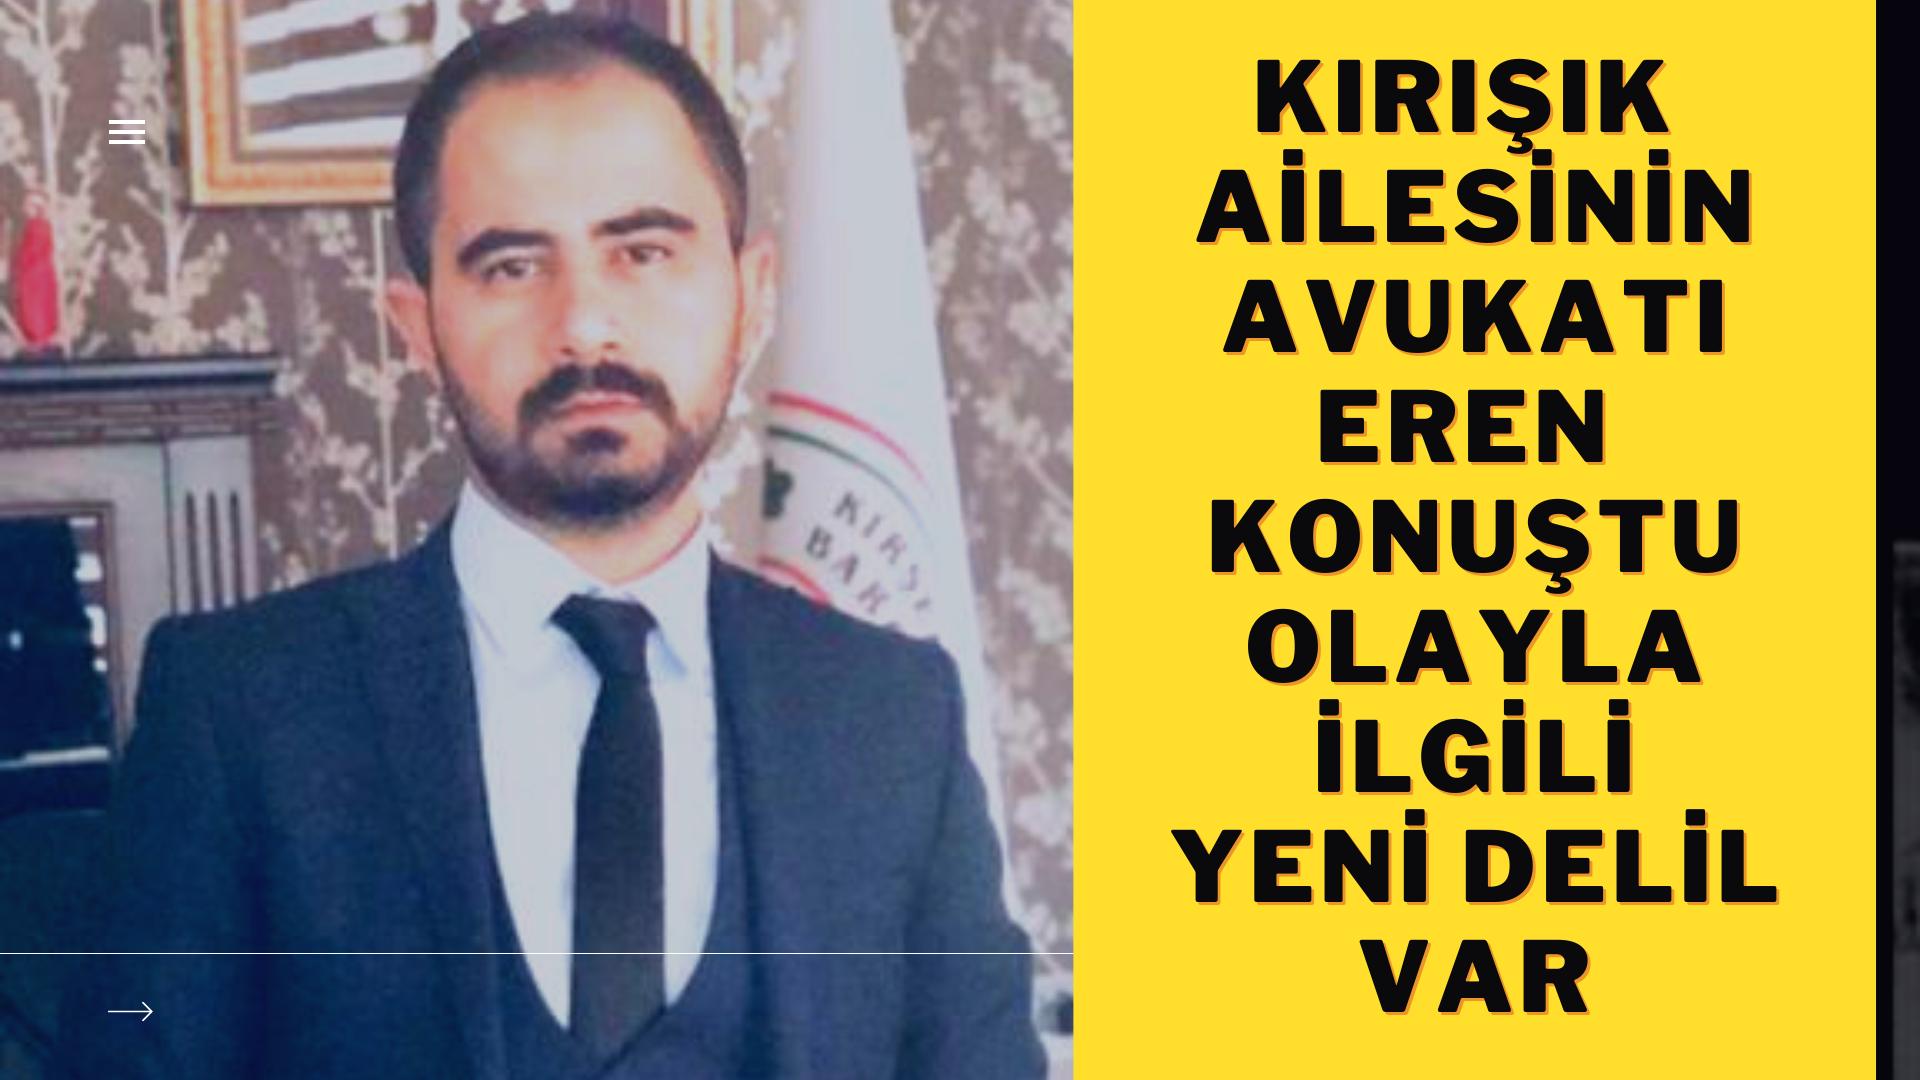 Mustafa Kırışık'ın avukatı Eren konuştu